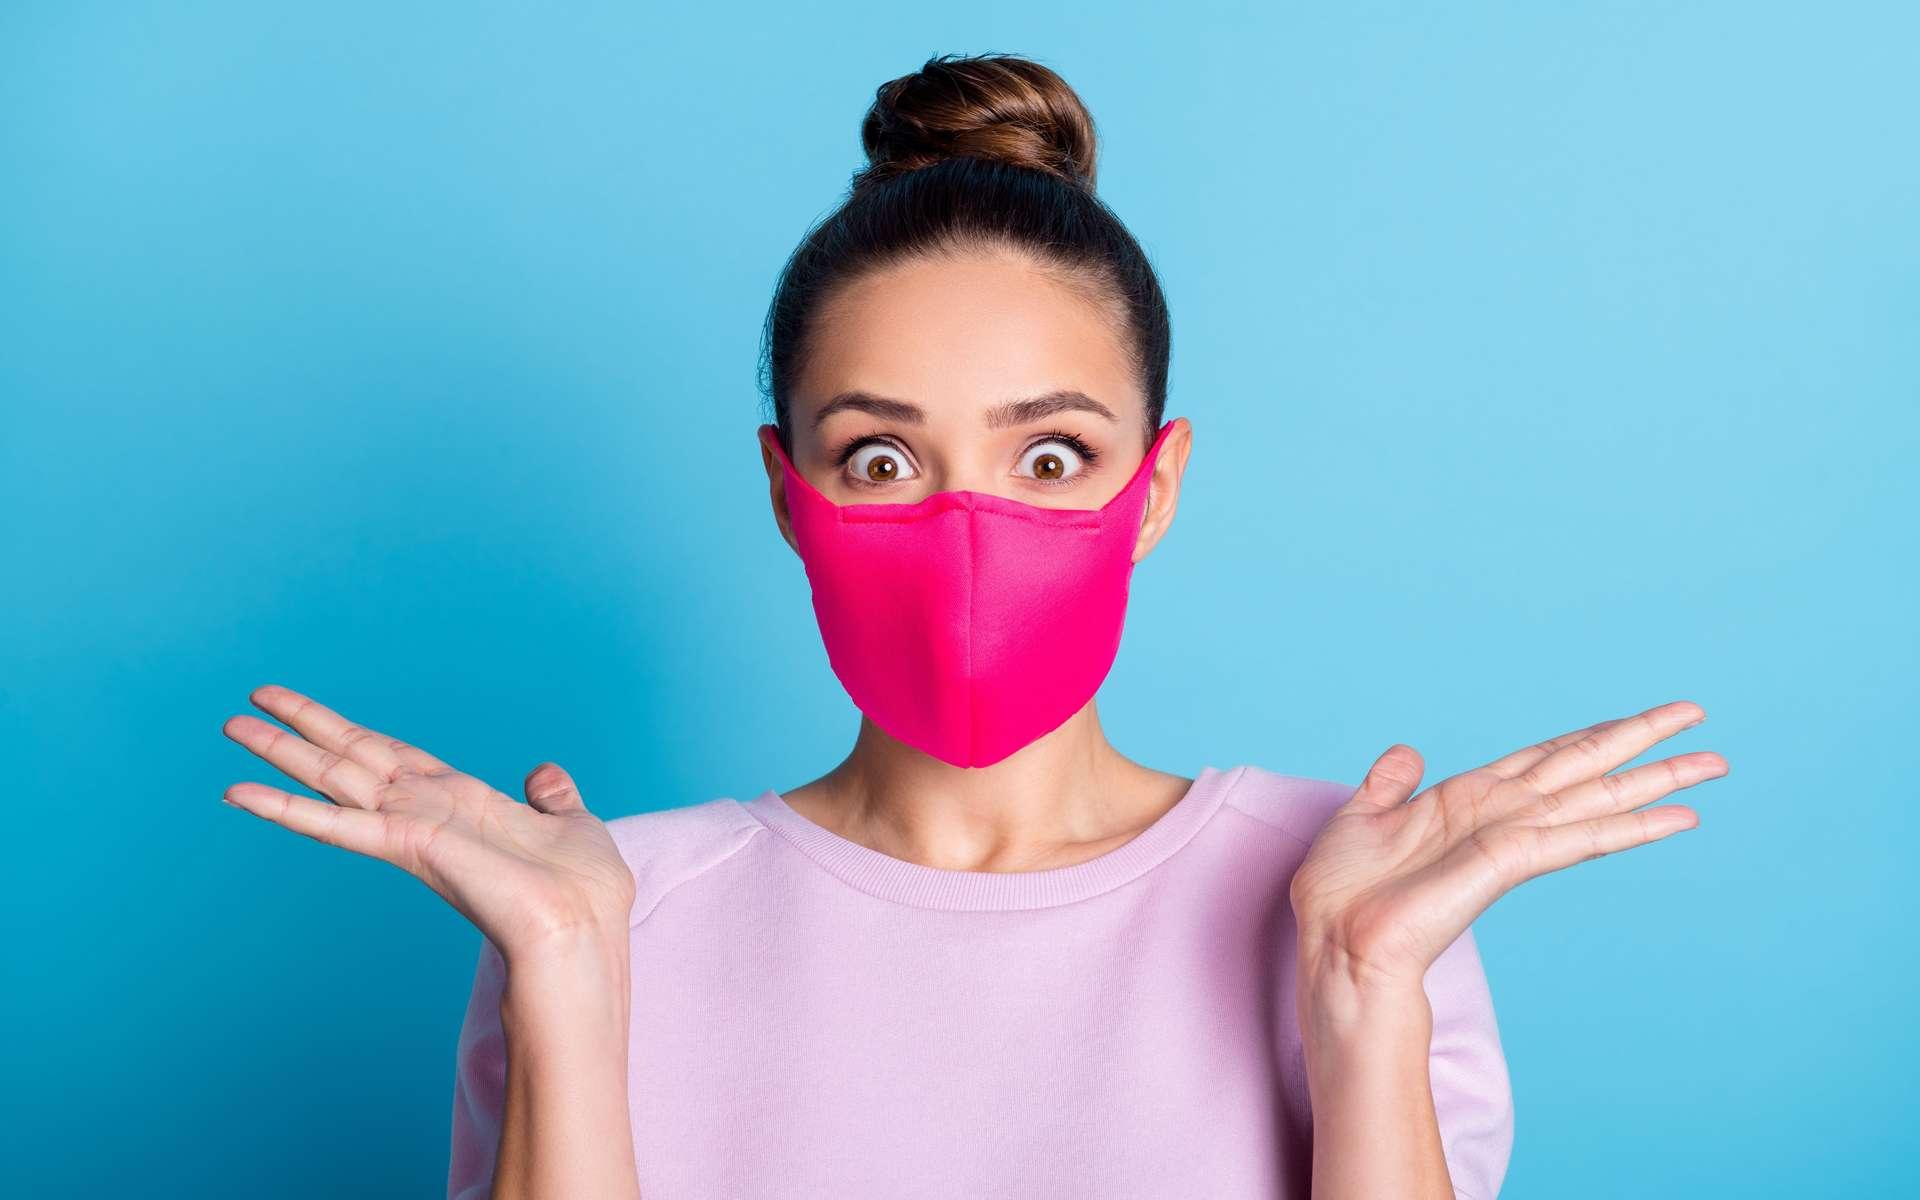 Théorie : et si les masques protégeaient aussi leurs porteurs ? © Deagreez, Adobe Stock